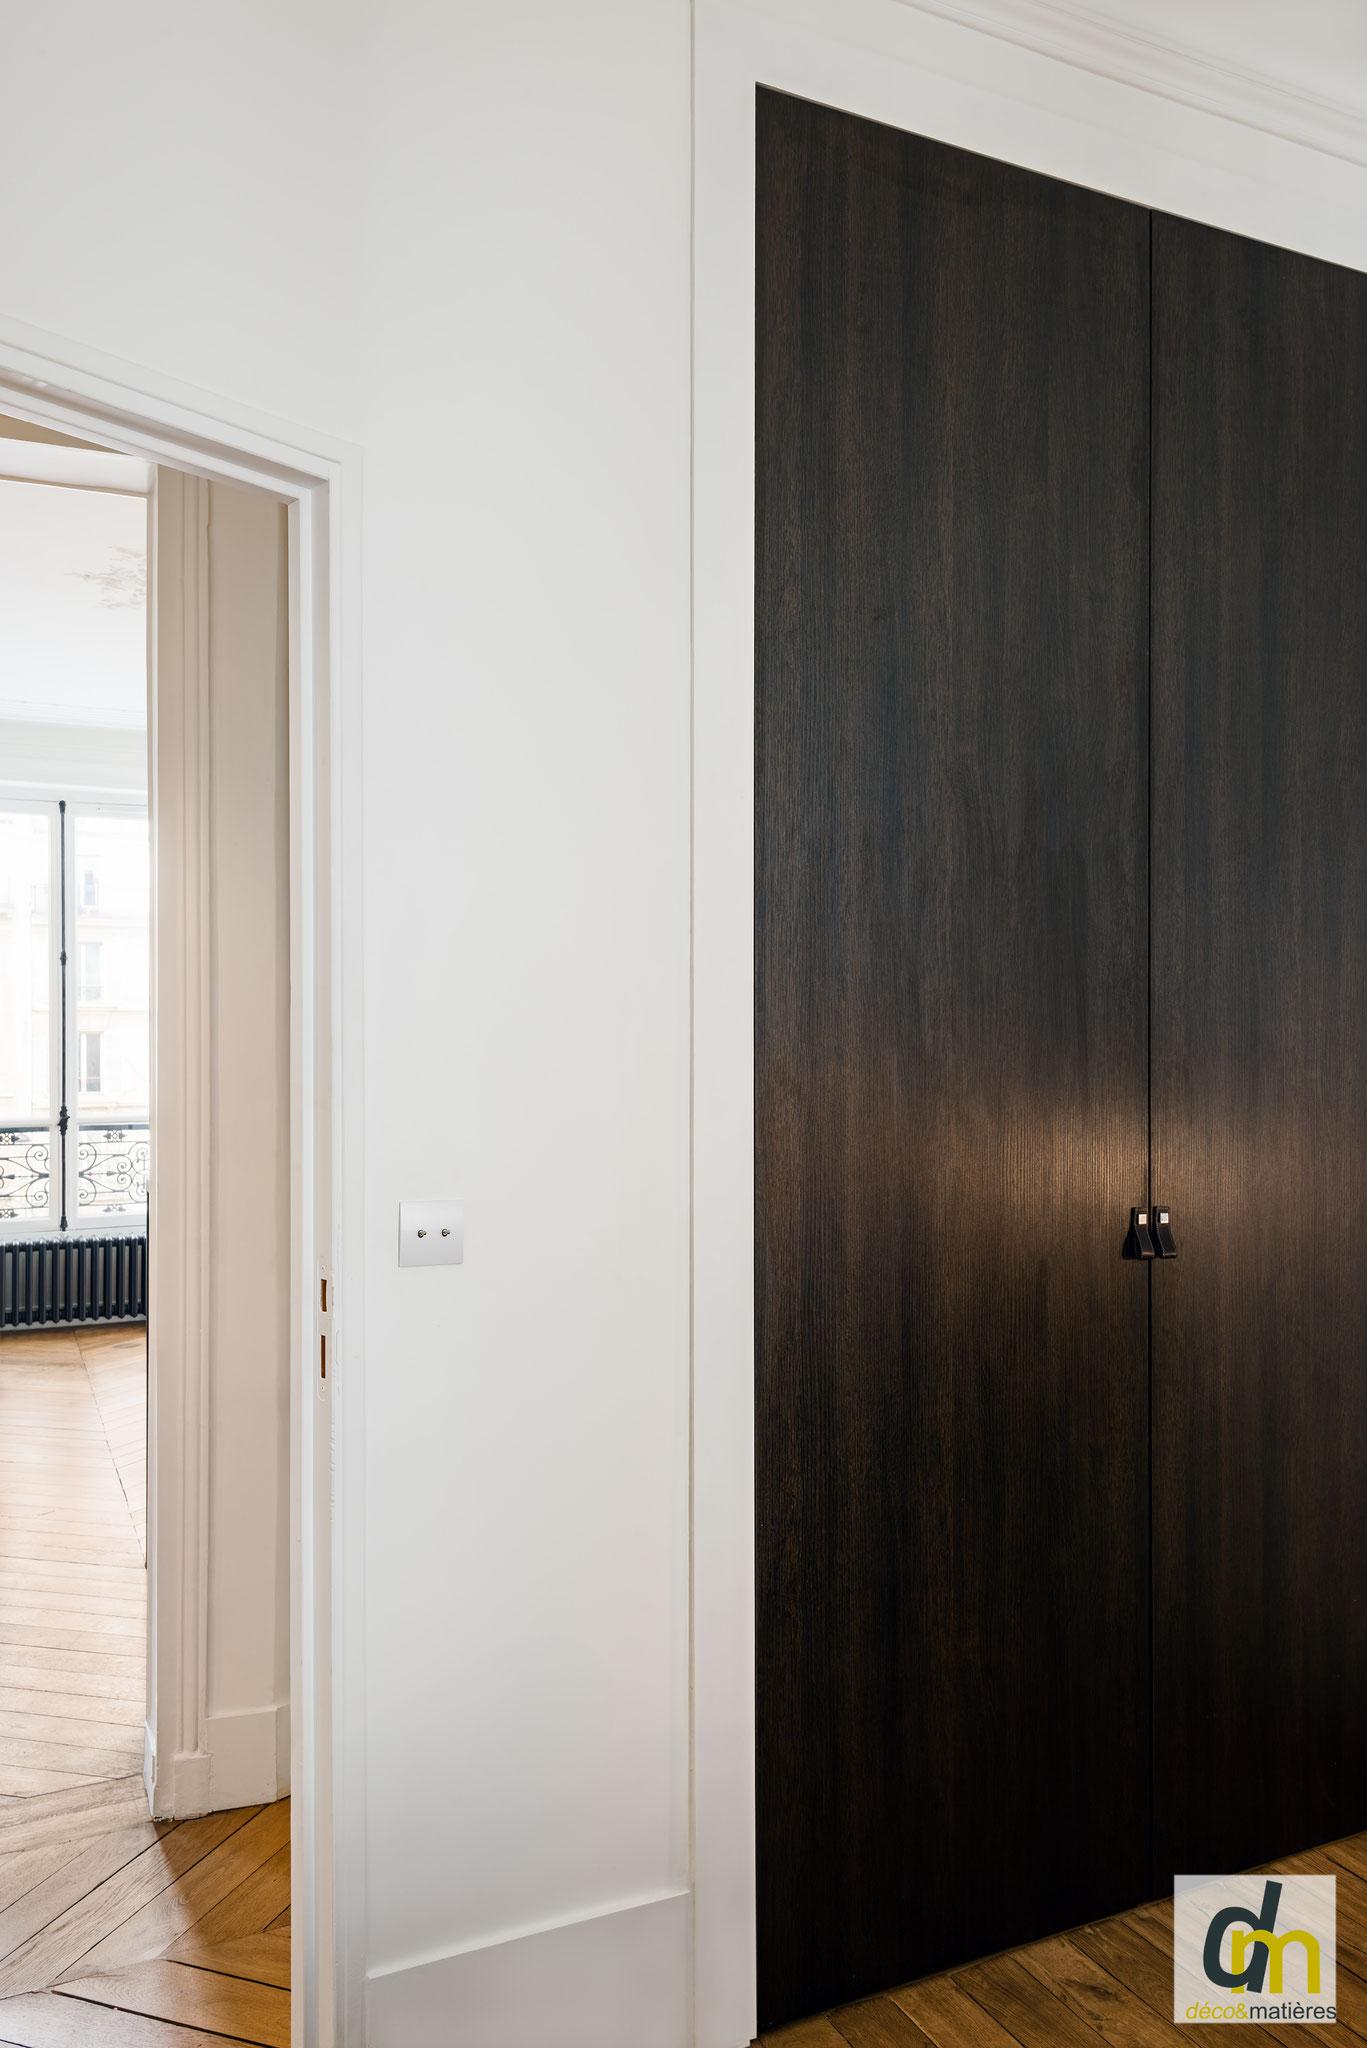 Dressing sur mesure dans chambre d'homme, en placage chêne foncé. L'intérieur est réalisé en valchromat gris. Les portes sont à fleur du mur.